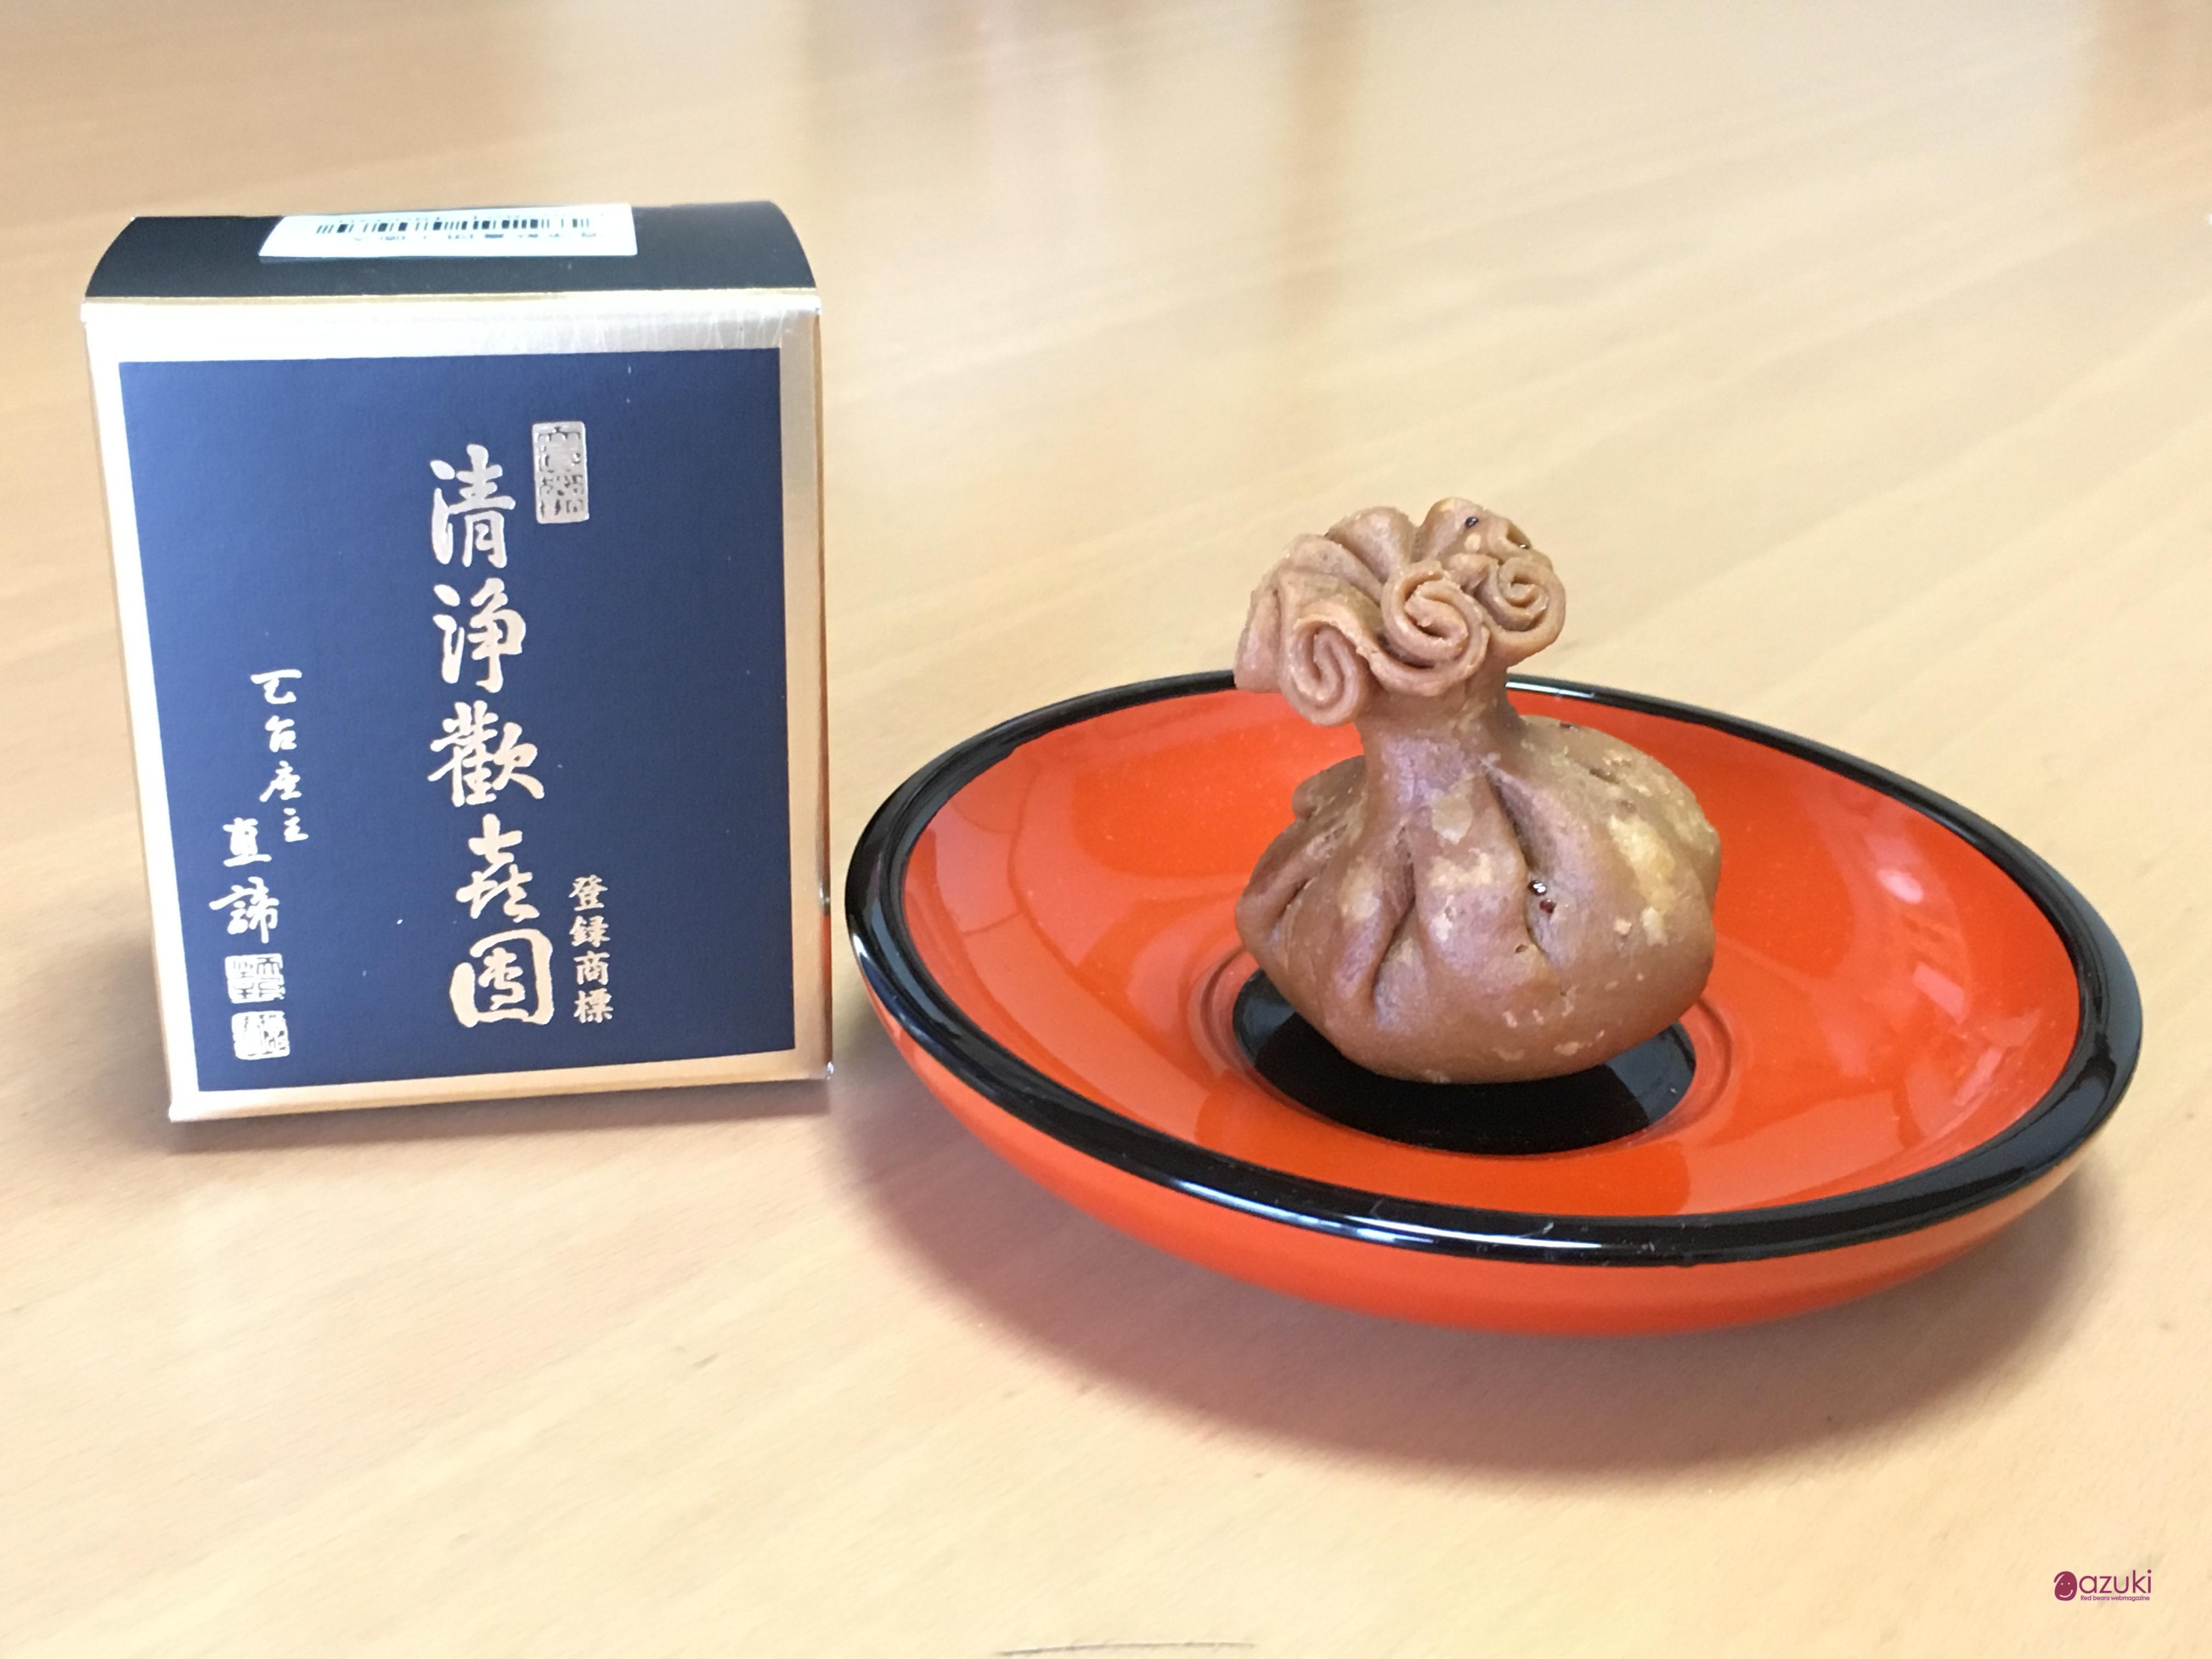 京菓子のルーツ 亀屋清永 清浄歓喜団